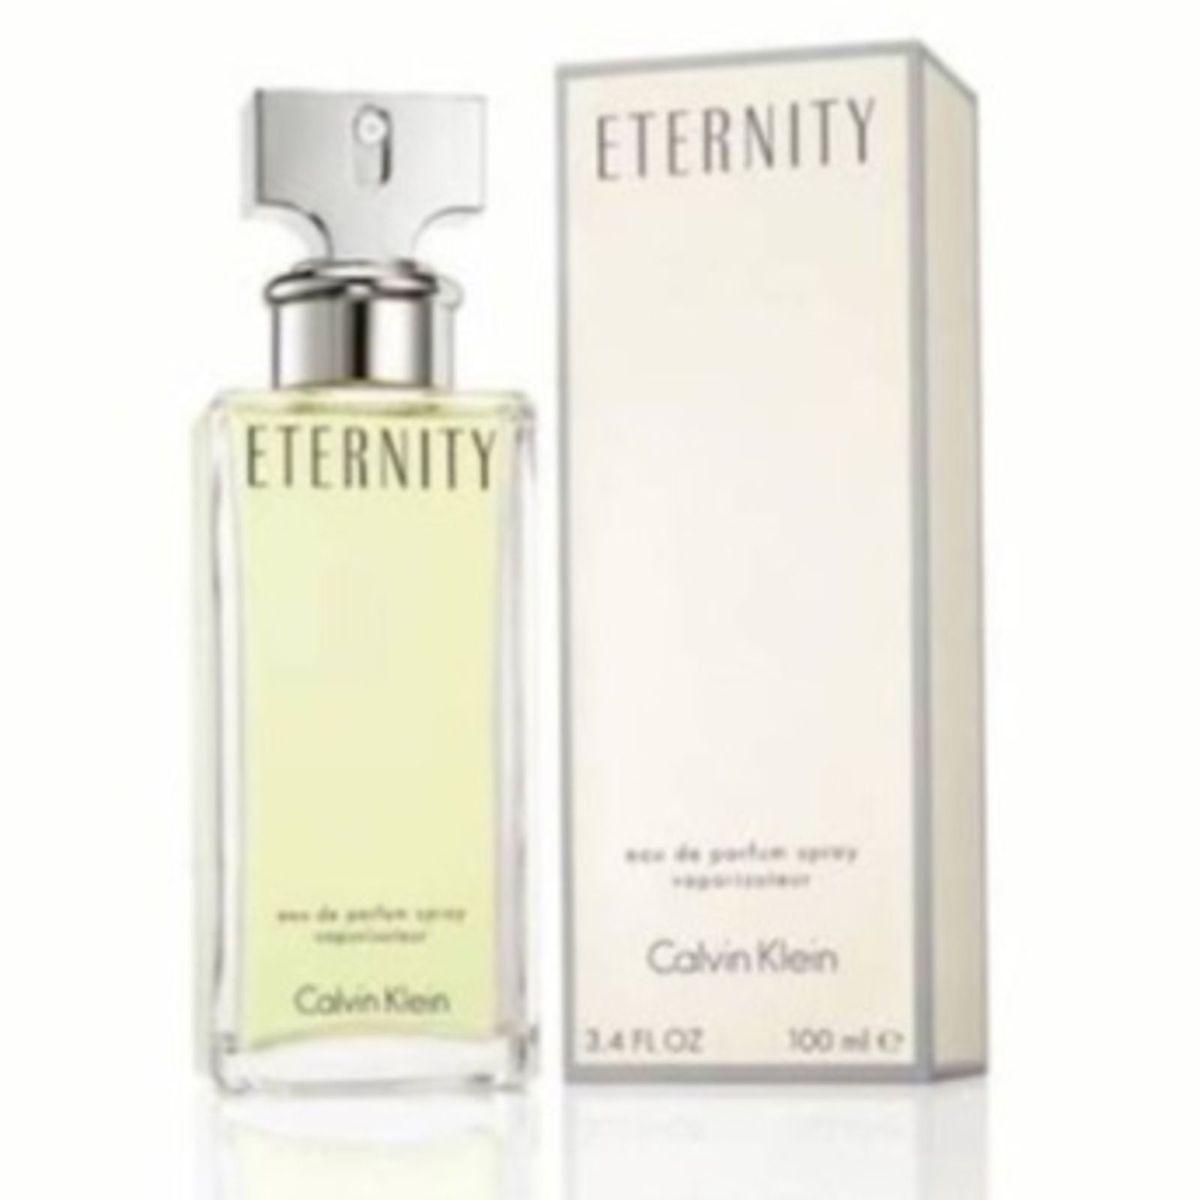 Calvin Klein Eternity Feminino Lacrado   Perfume Feminino Calvin ... fcd2082a36